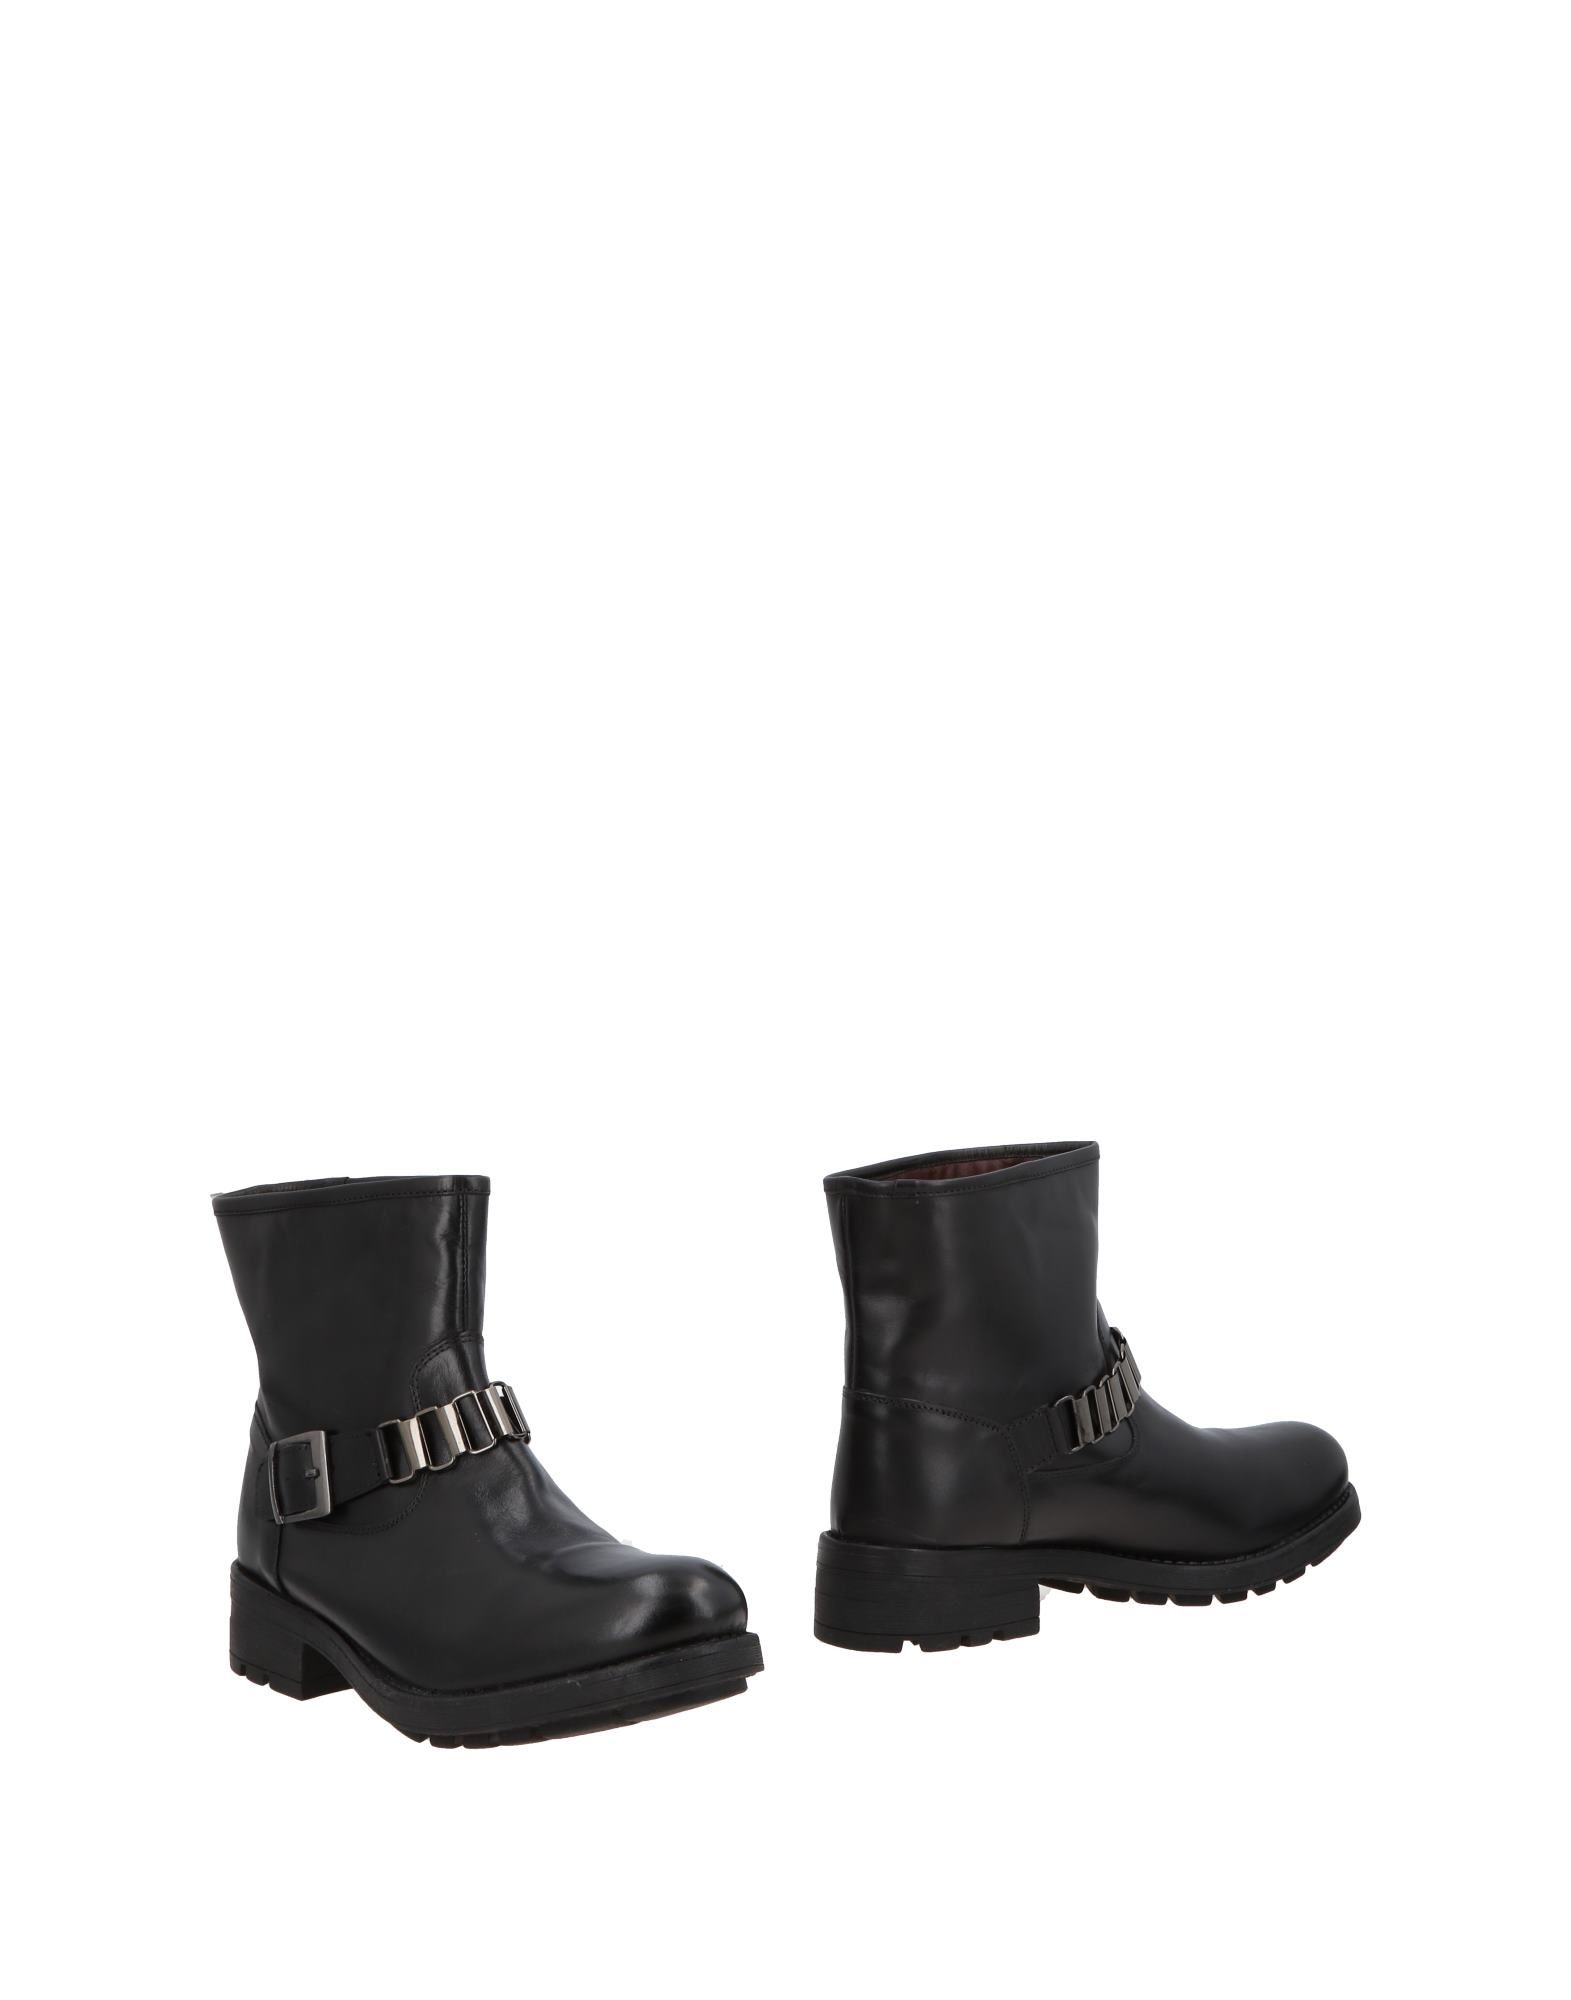 Primadonna Stiefelette Damen  11495953RH Gute Qualität beliebte Schuhe